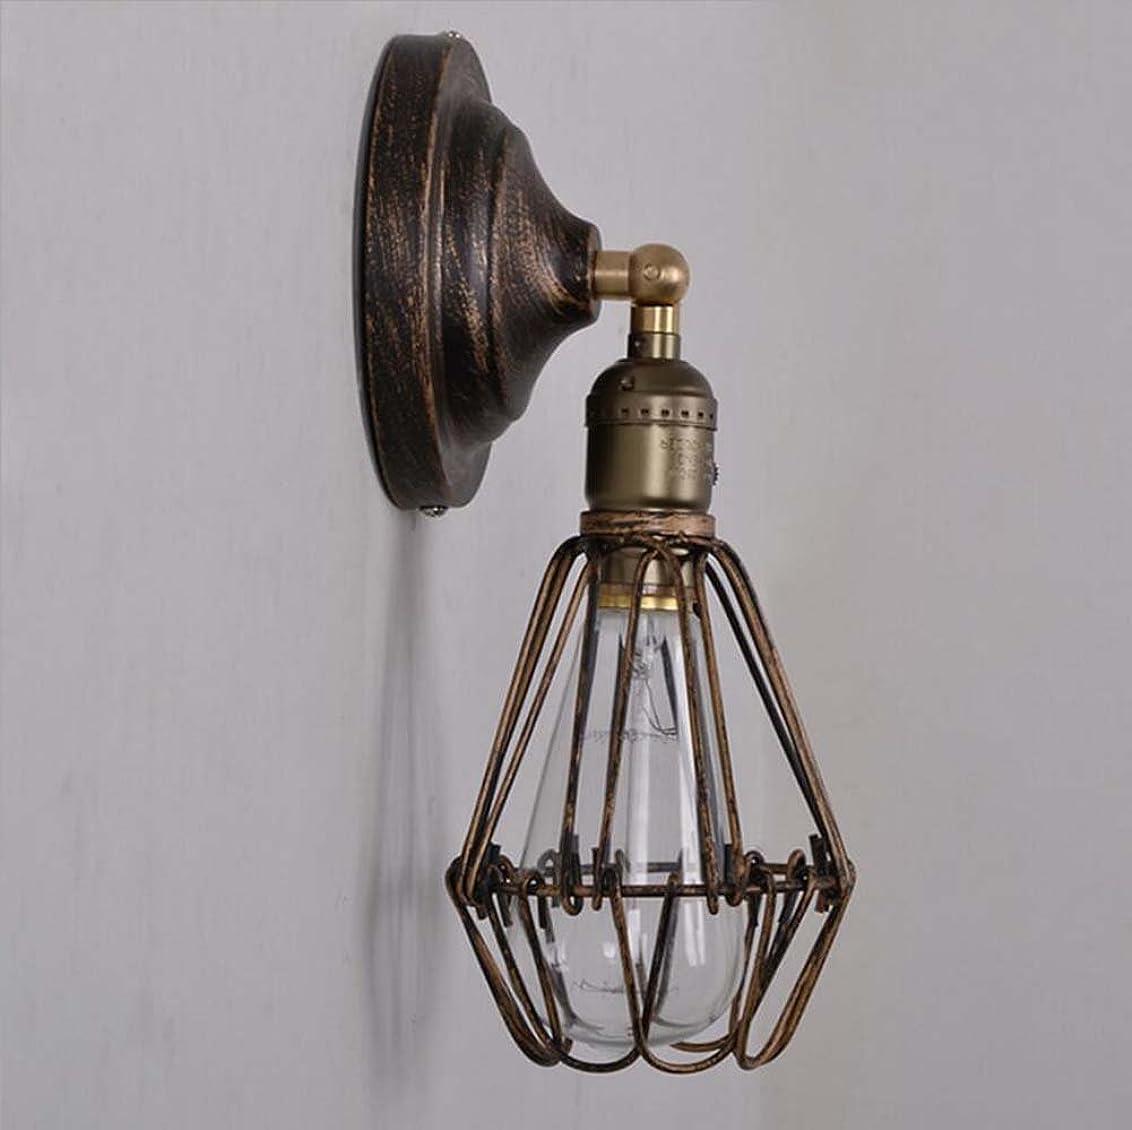 批判的不良迷信ウォールライト素朴な照明調節可能なソケットヴィンテージ燭台工業金属ケージウォールランプ付きスイッチ屋内ホームレトロ照明器具